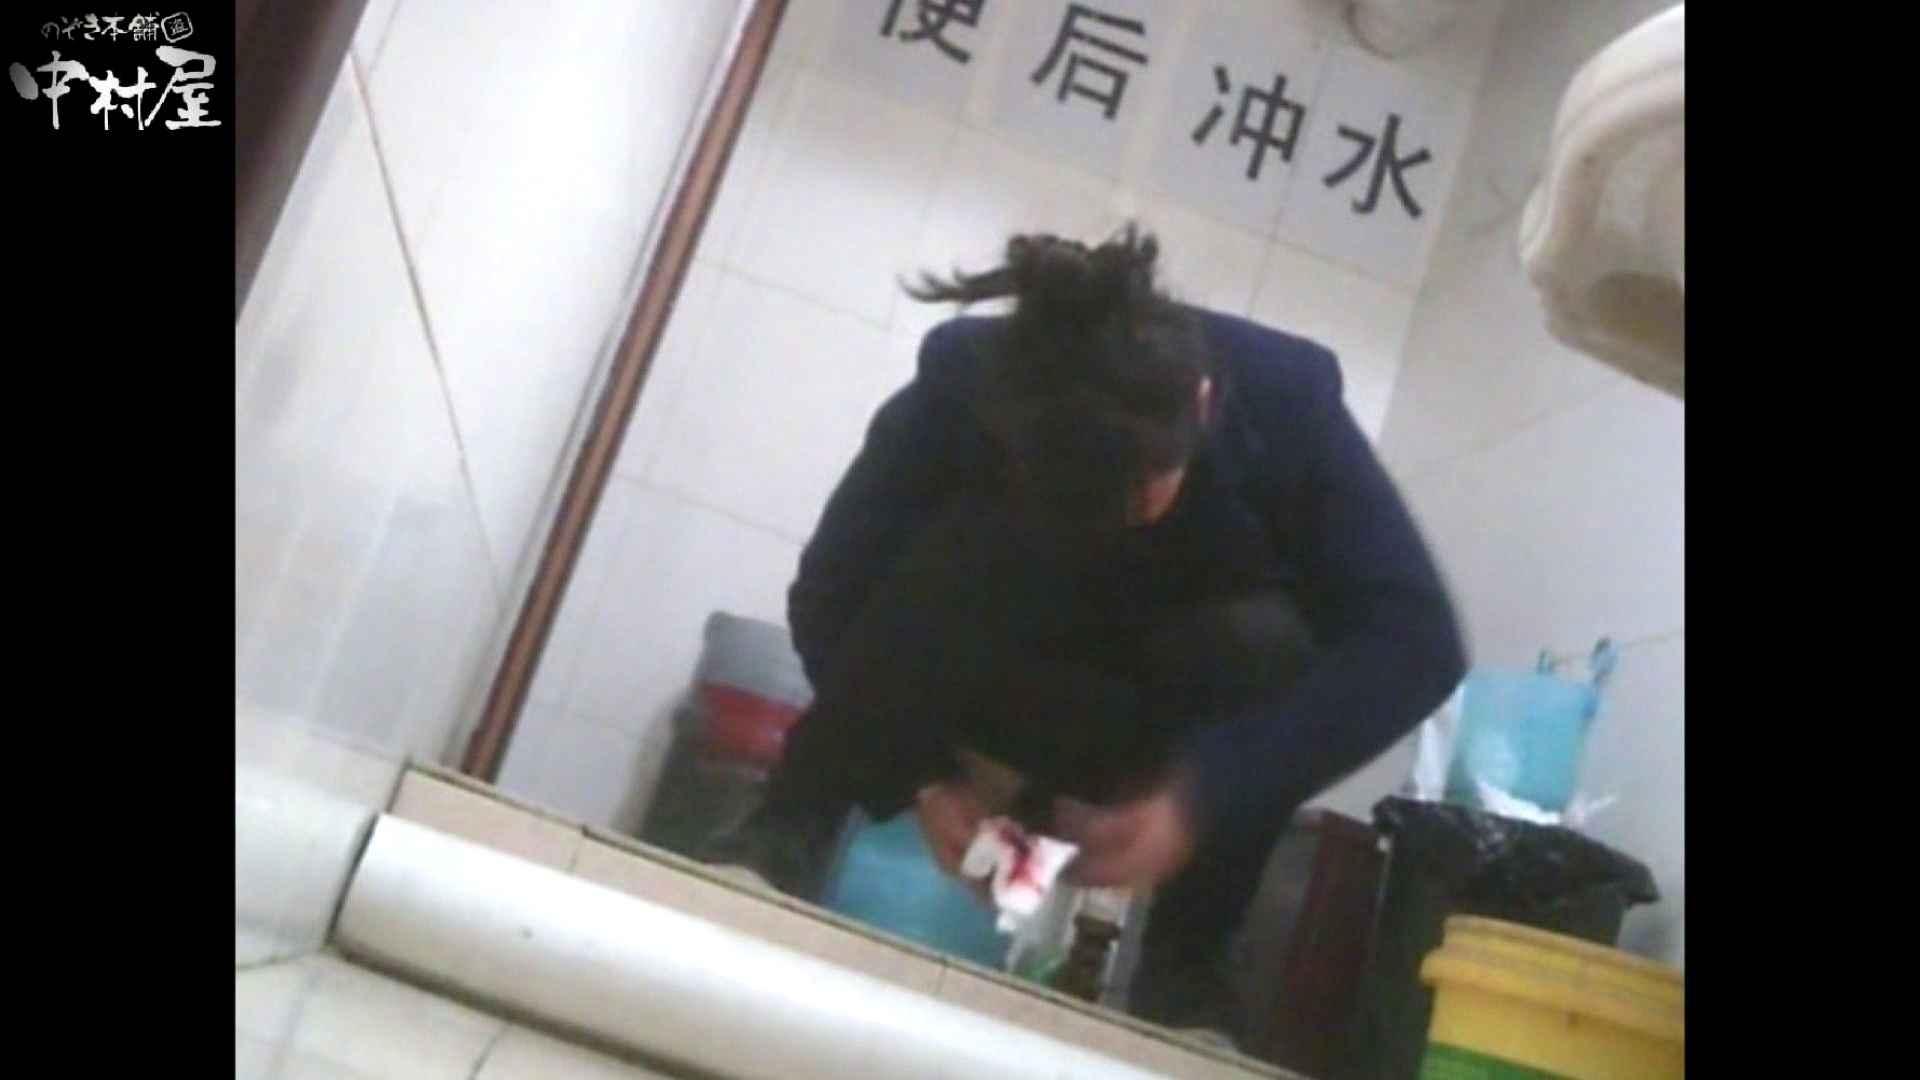 李さんの盗撮日記 Vol.15 トイレ | ギャルのエロ動画 盗撮 78PIX 41